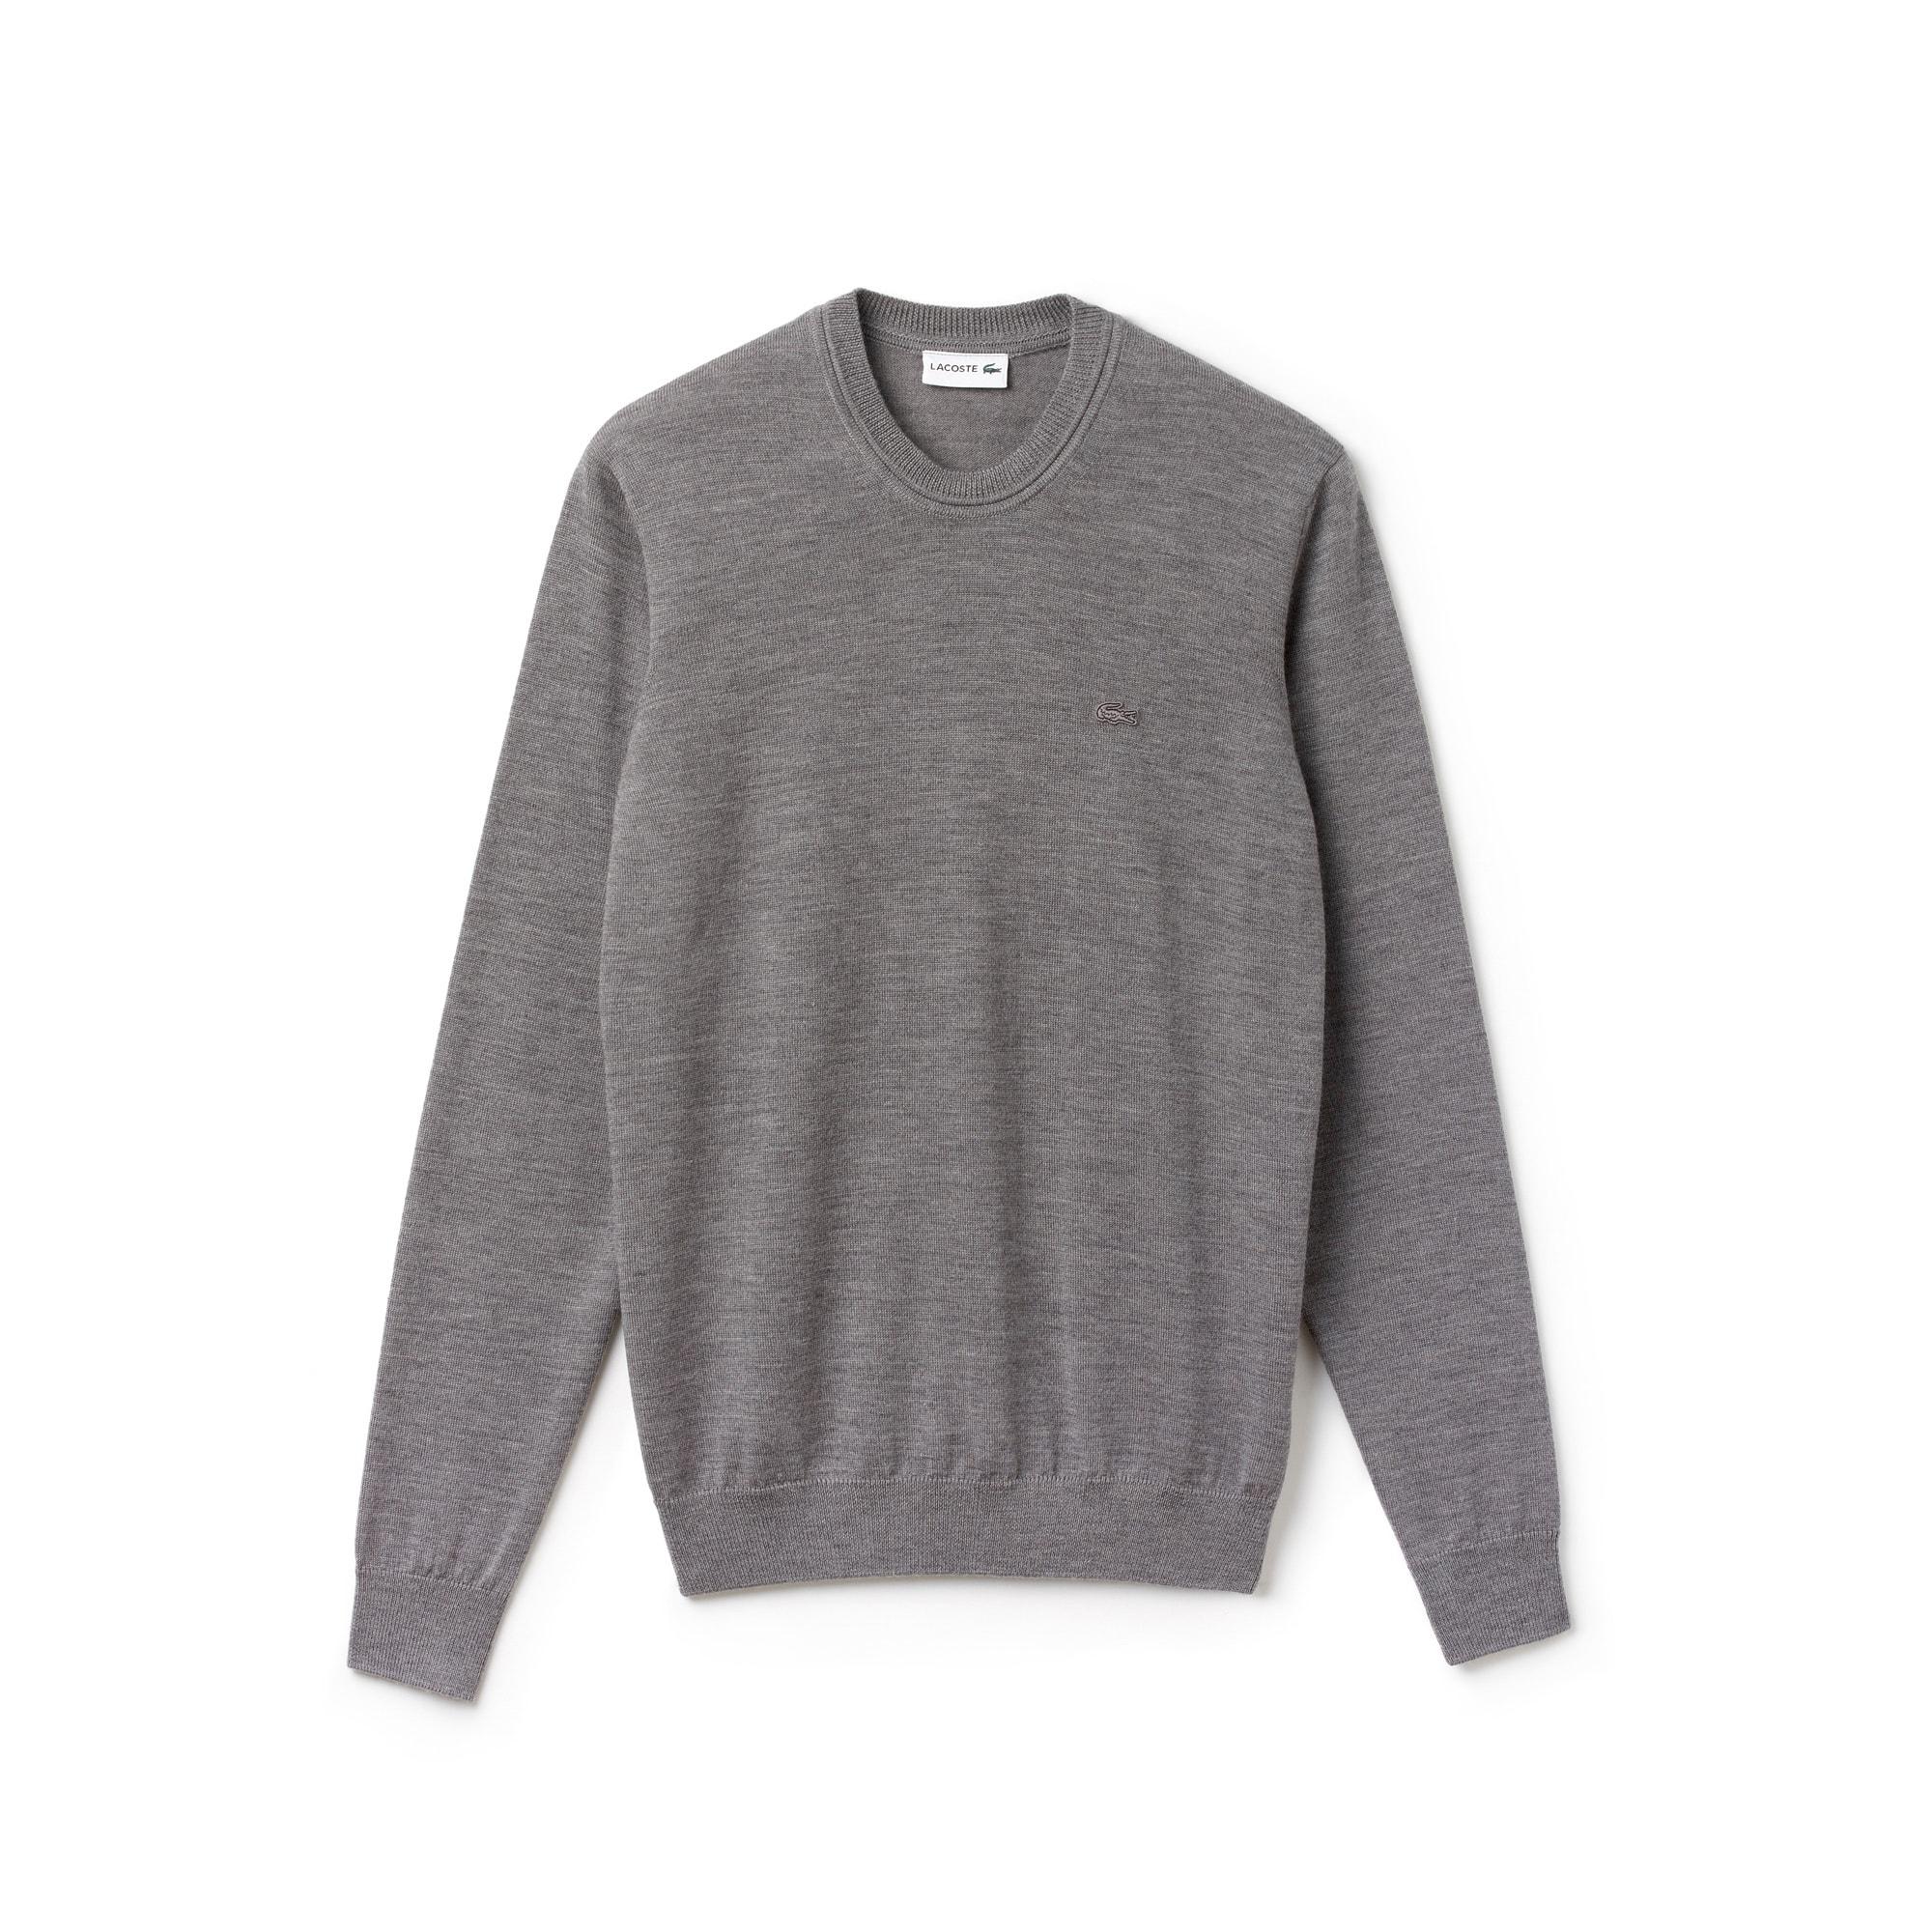 Pullover a girocollo in jersey di lana tinta unita